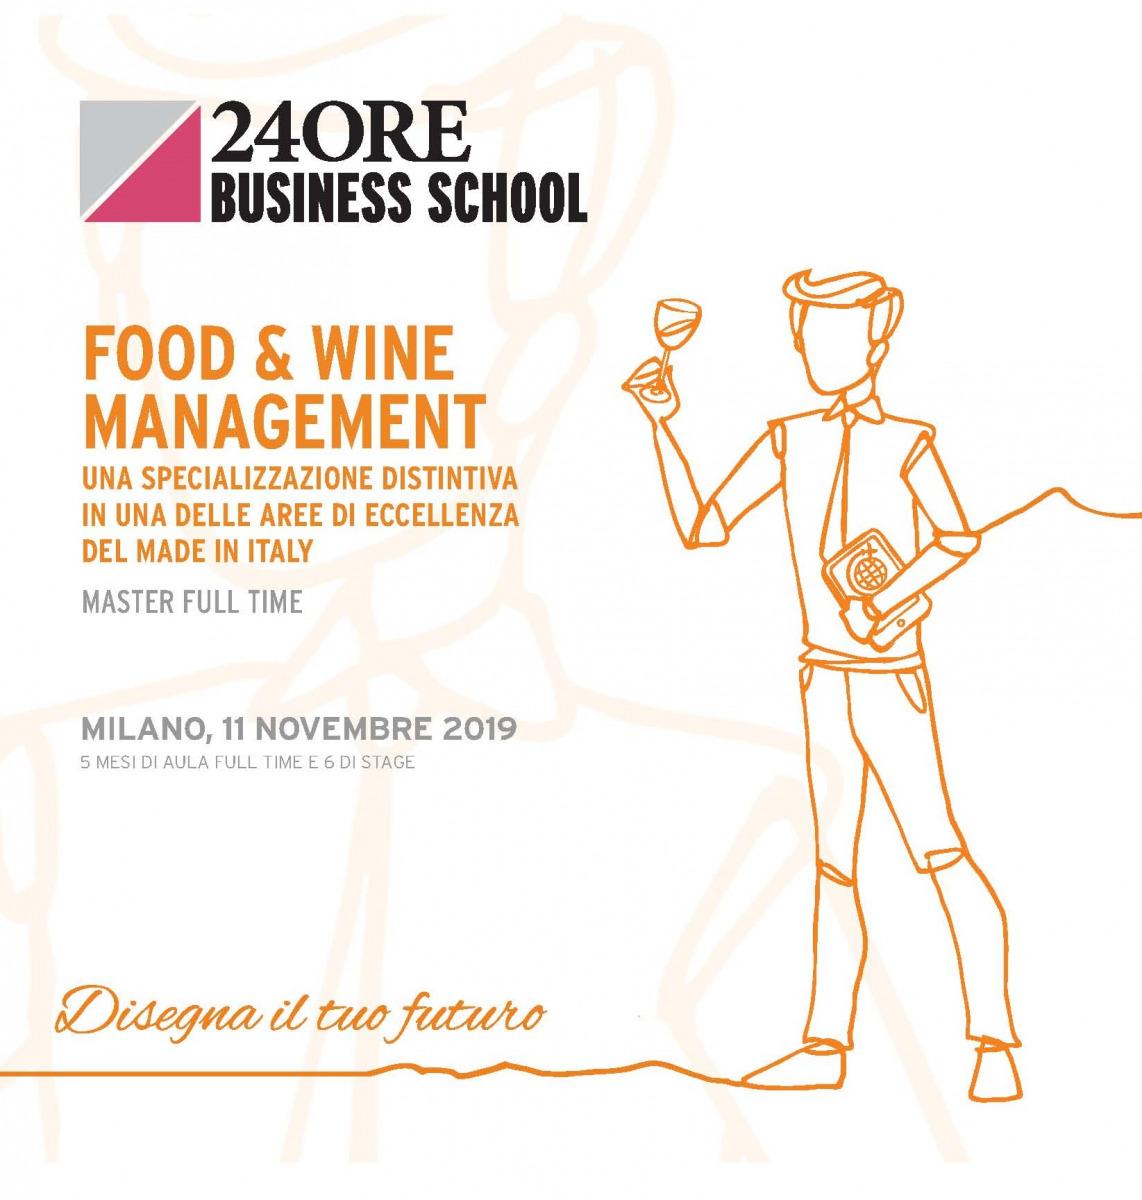 """Andrea De Panfilis, Caterina Giacalone e Alberto Passera docenti al Master """"Food & Wine Management"""" organizzato da 24Ore Business School"""